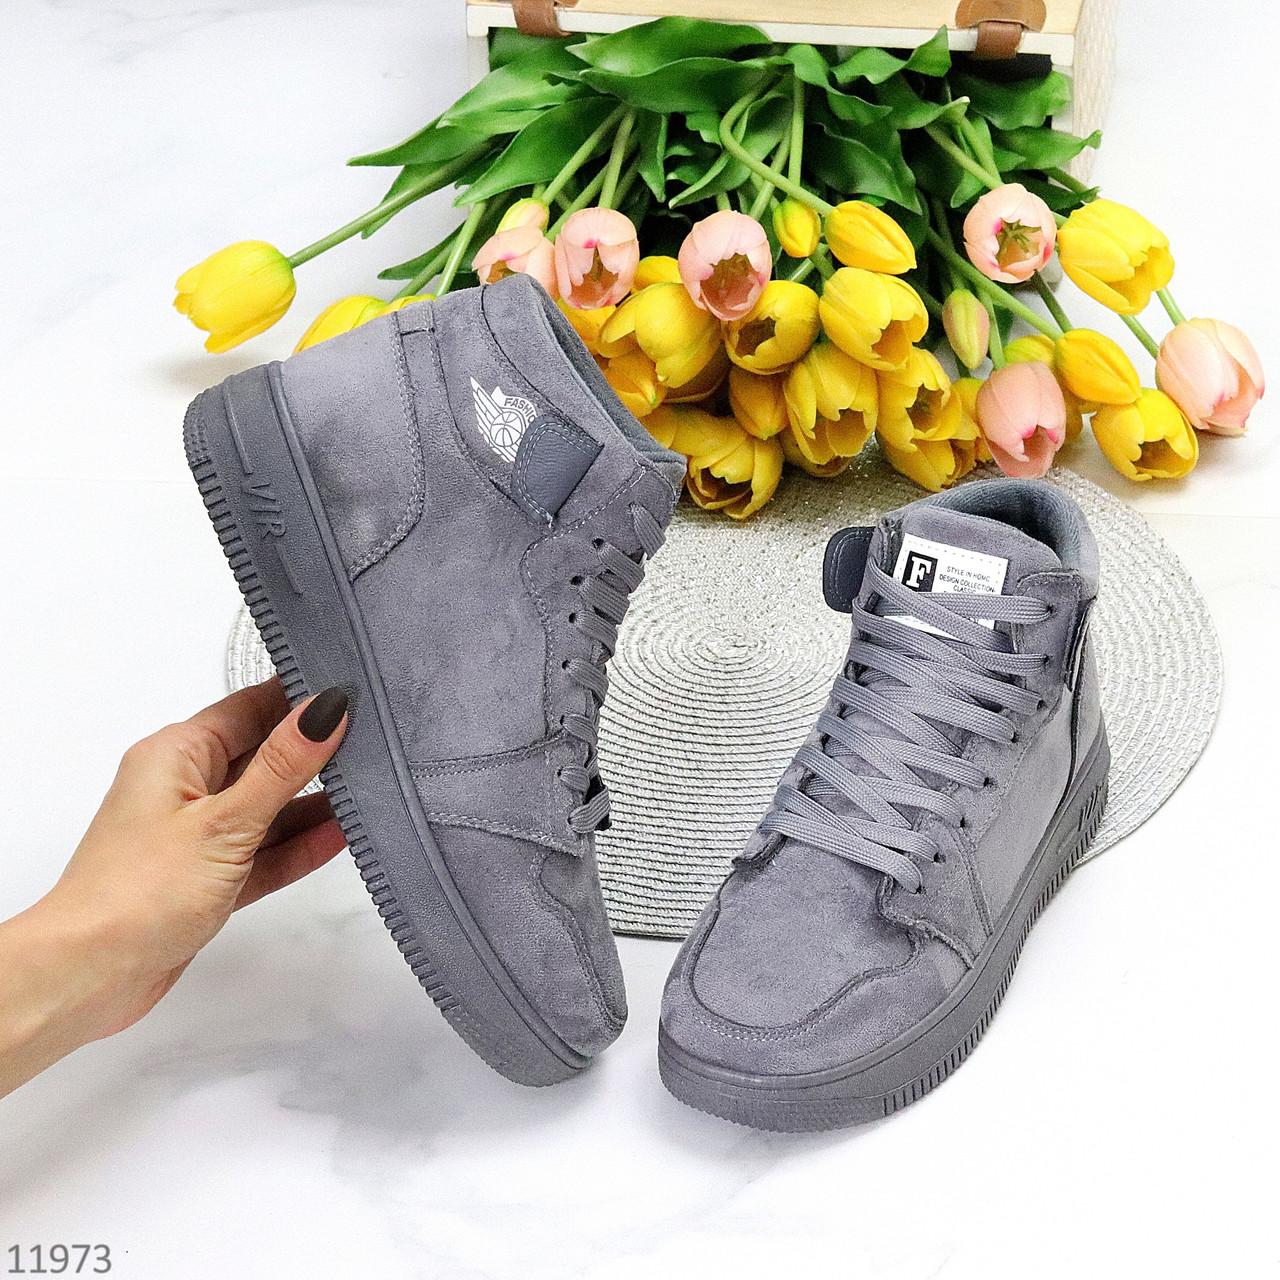 Сірі замшеві спортивні жіночі черевики кросівки в асортименті